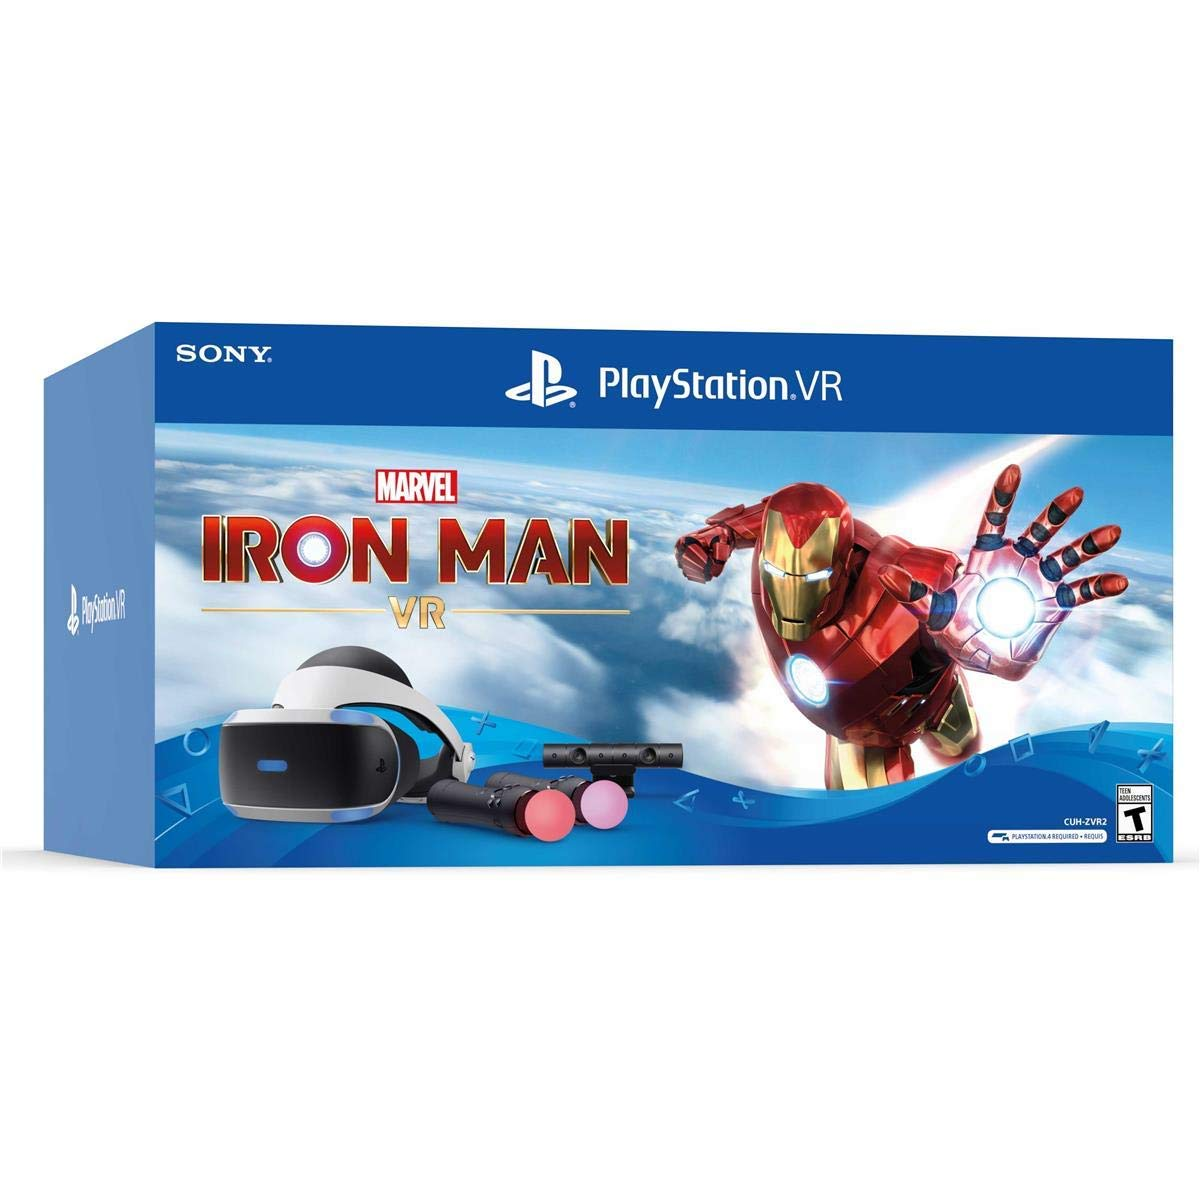 PS4PSVR 마블 아이언 맨 번들 VR 헤드셋+카메라+컨트롤러 3004152